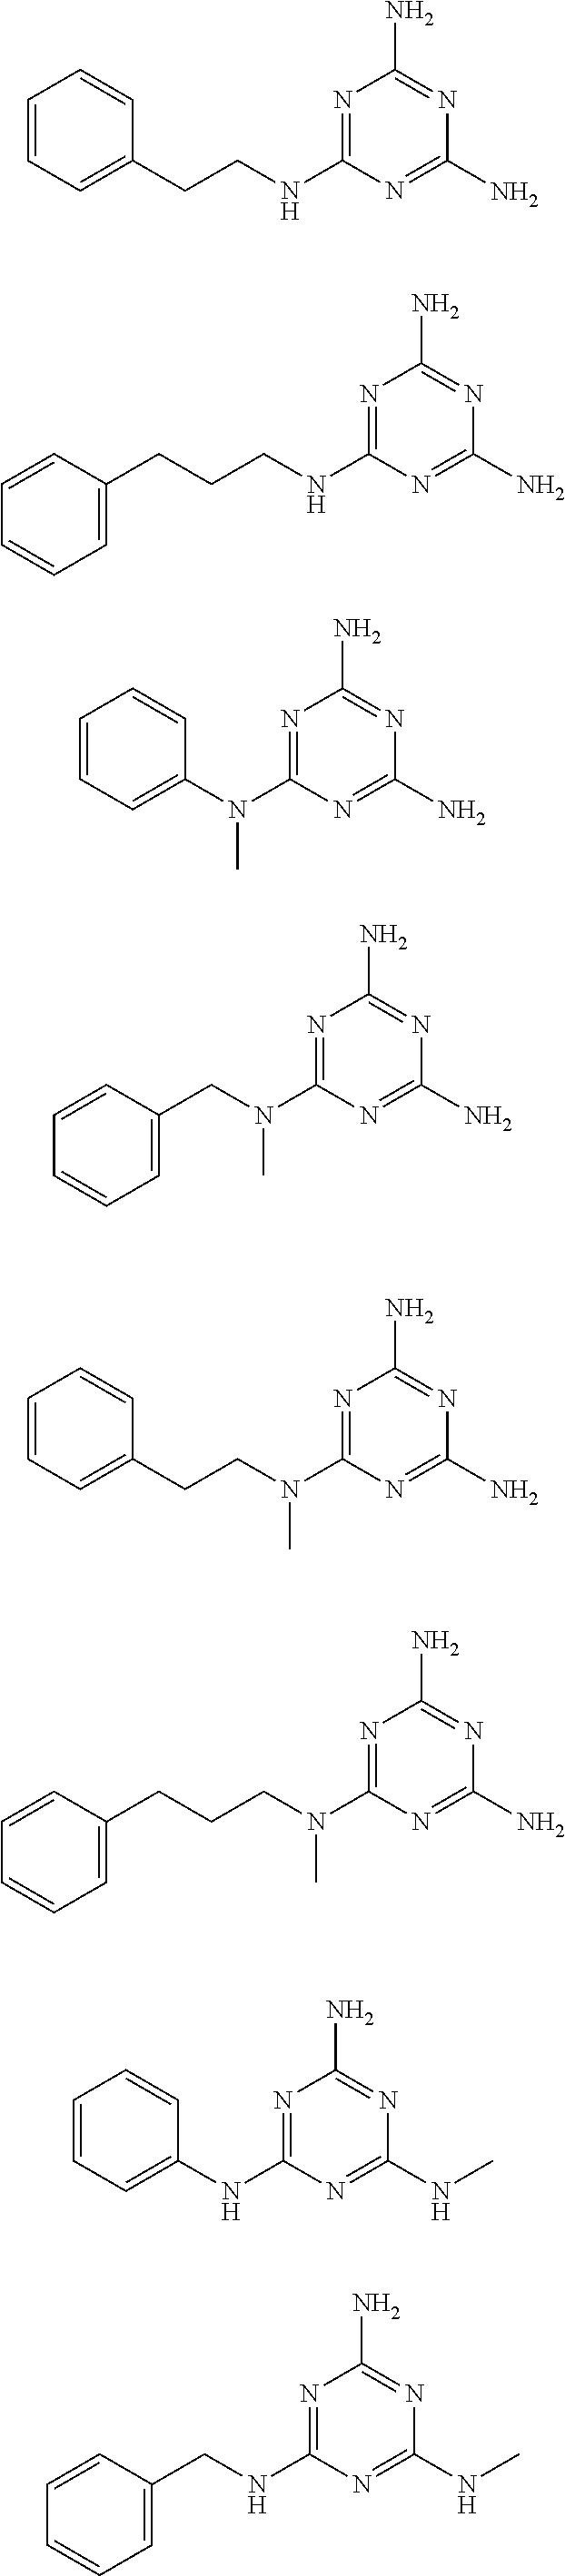 Figure US09480663-20161101-C00104